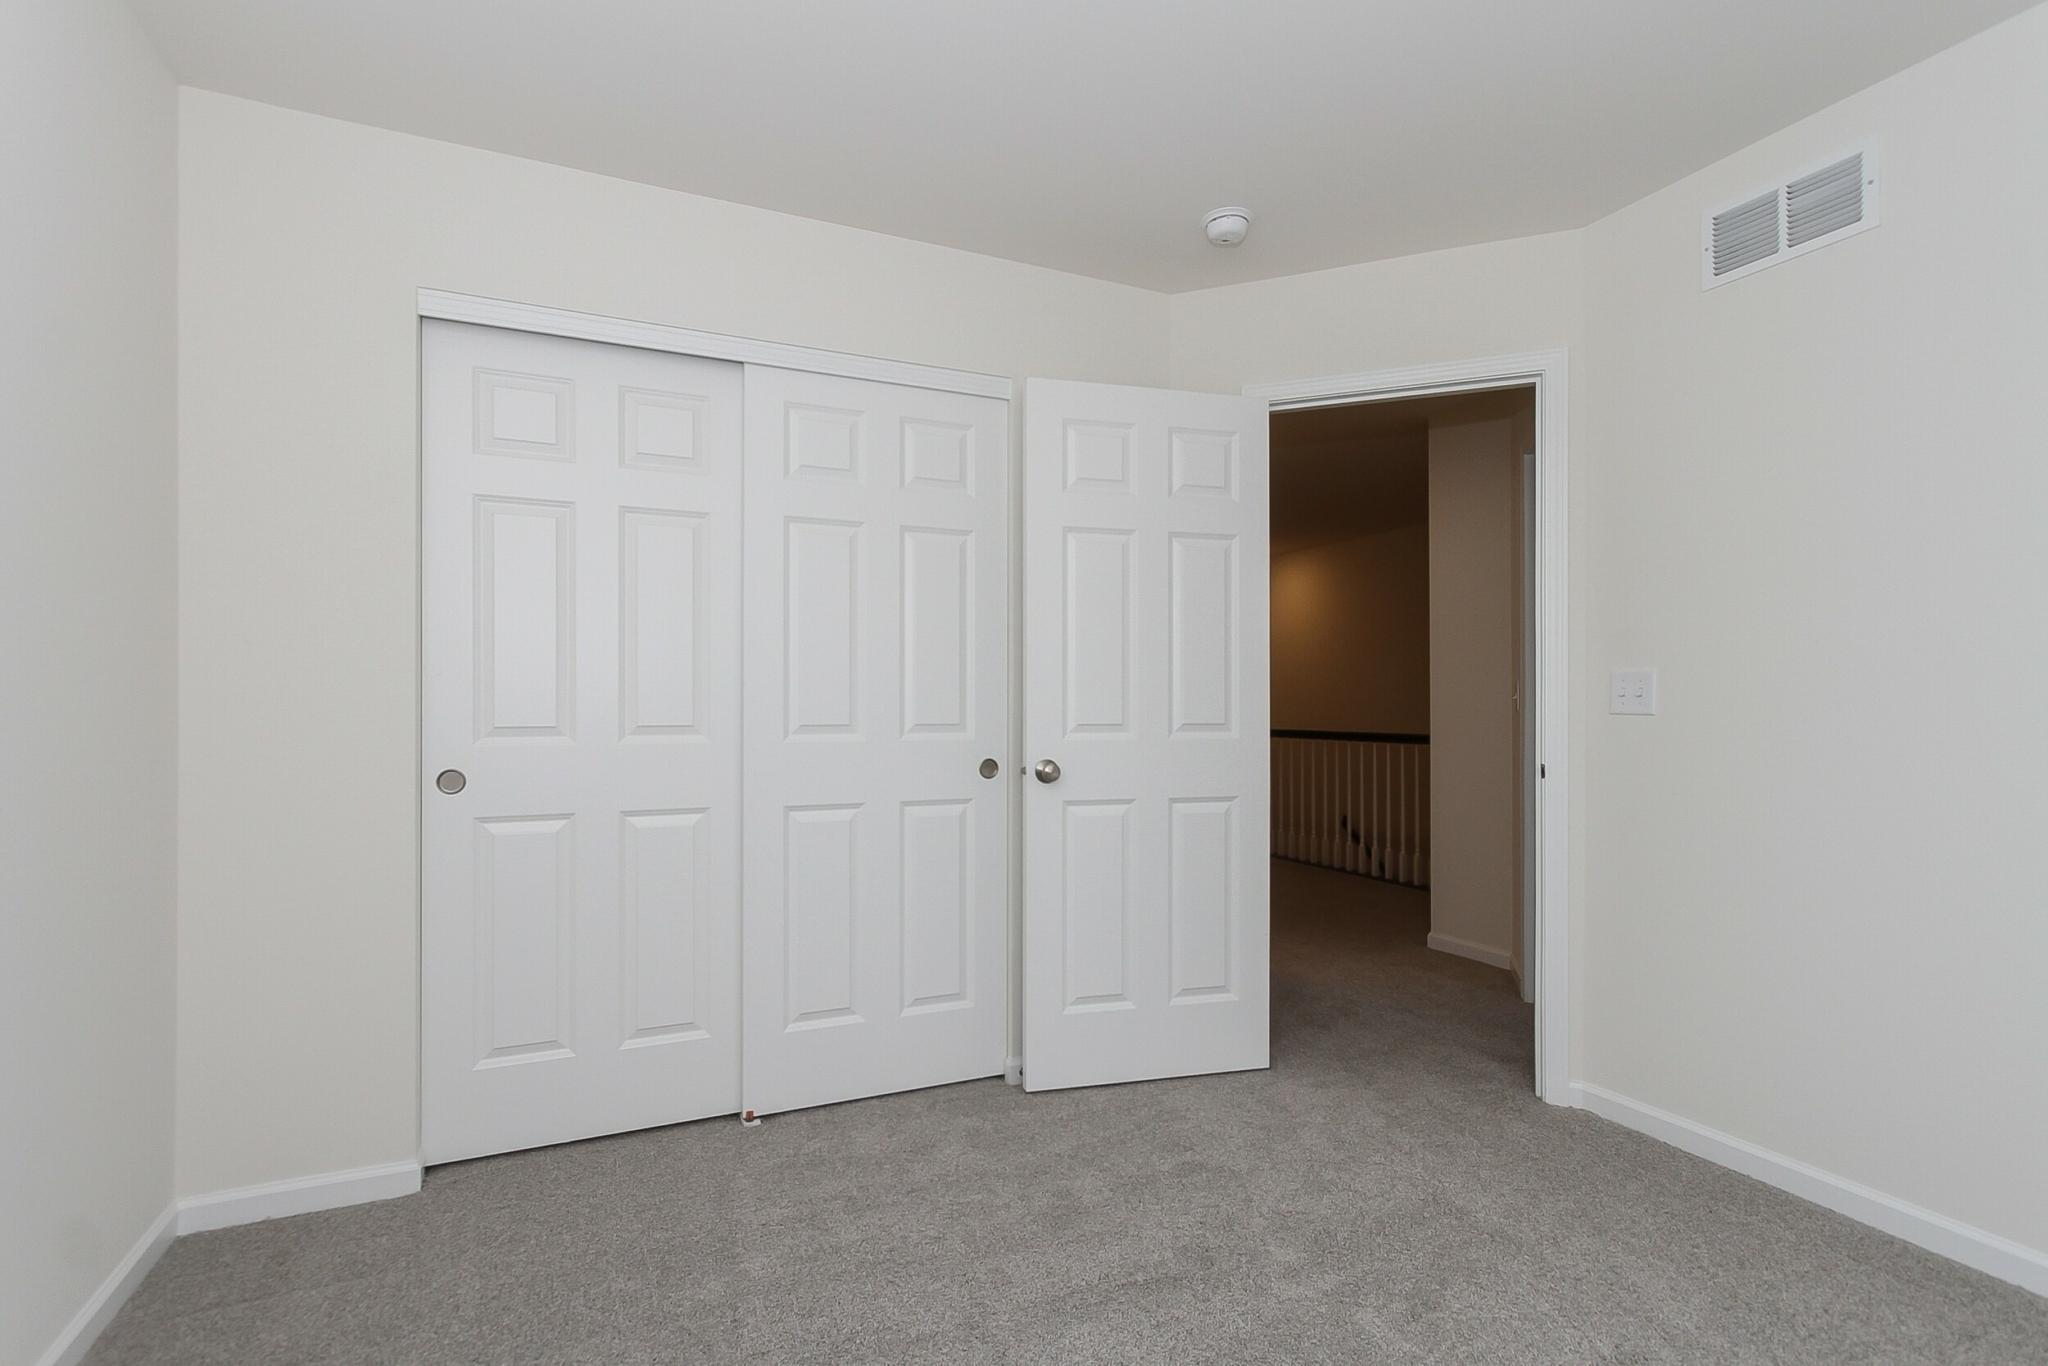 009_Bedroom3.2-scaled.jpg